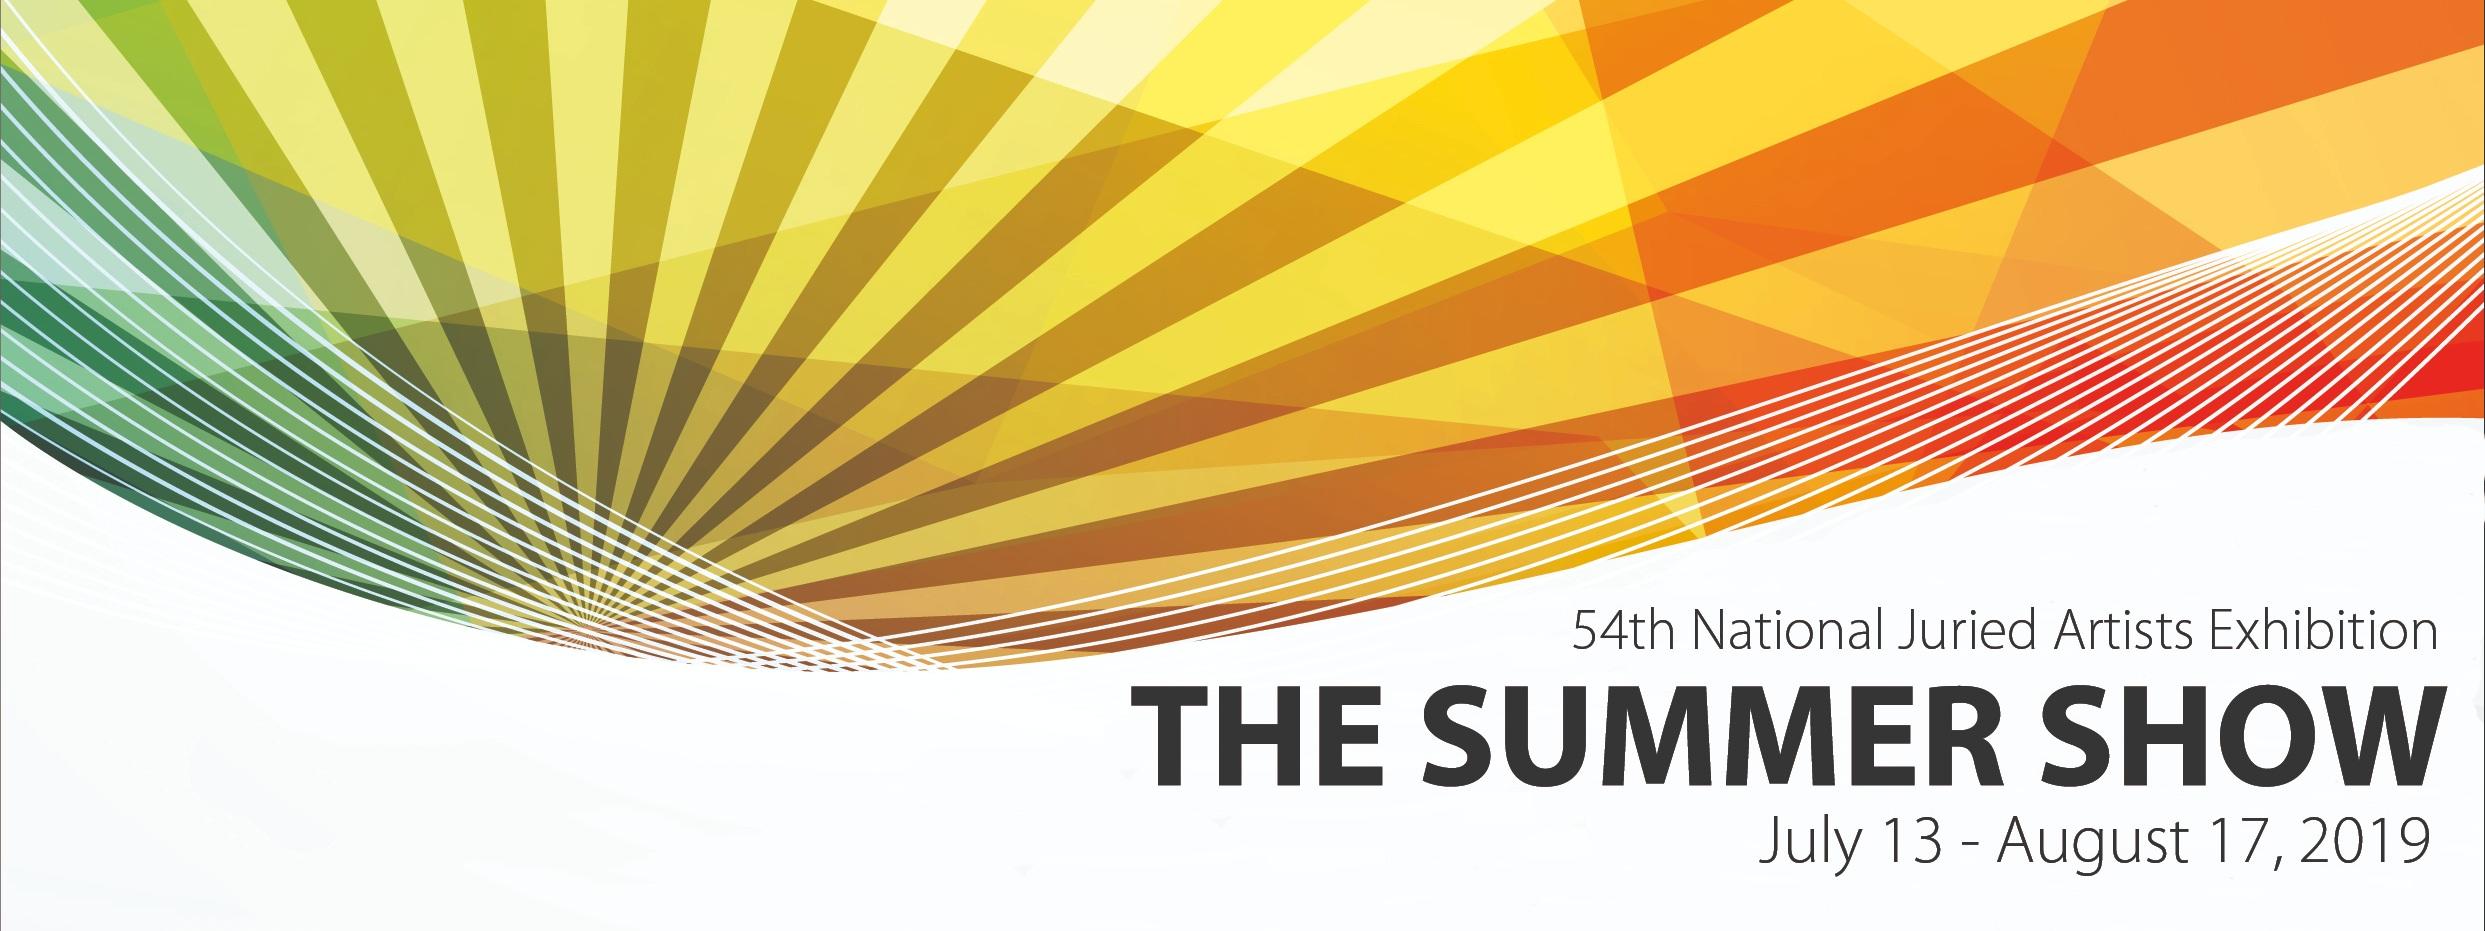 summer-show-card-front.jpg